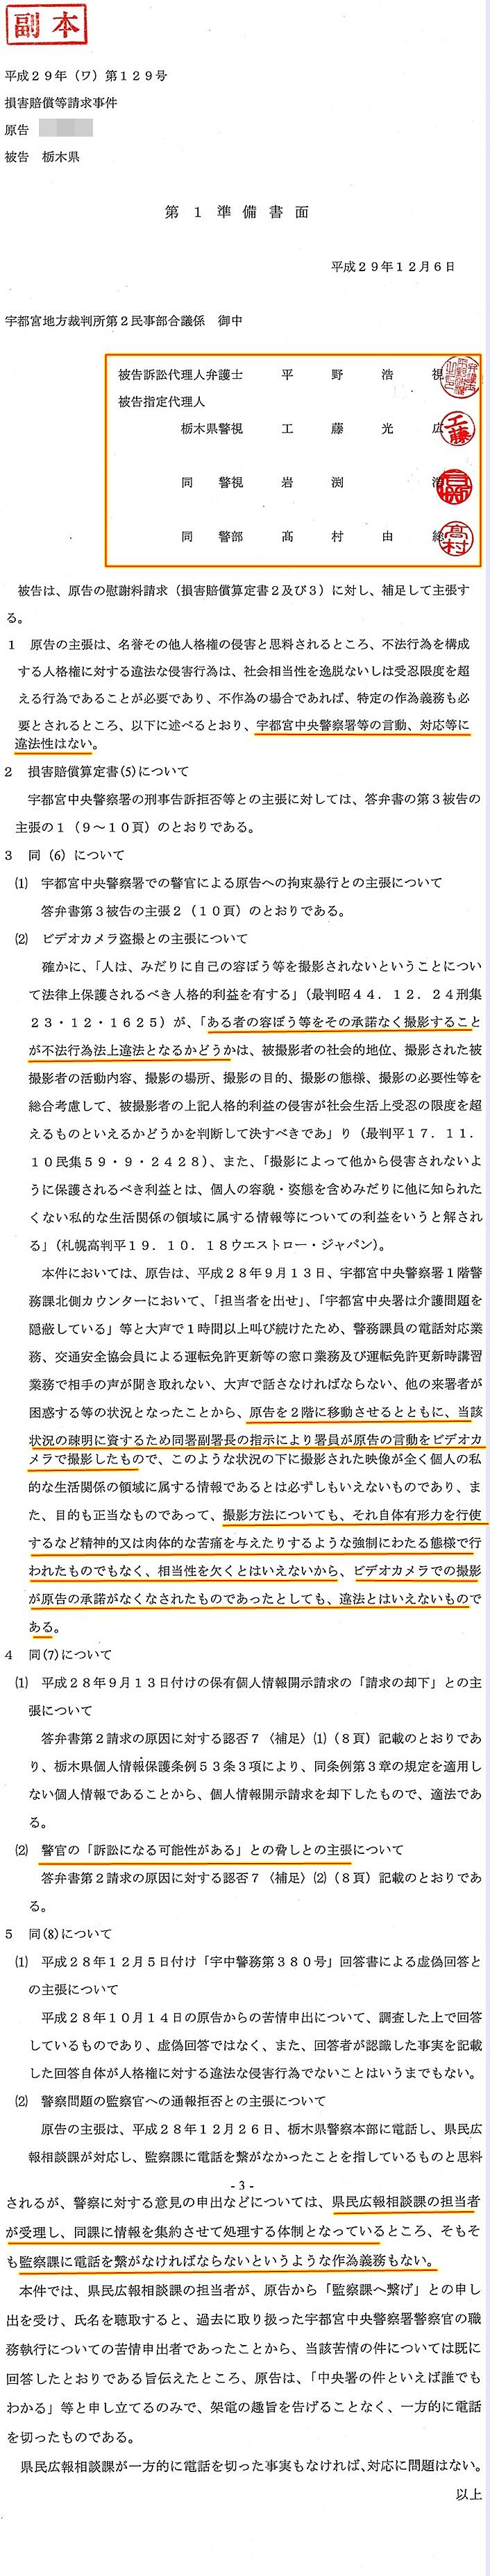 準備書面1 平野浩視弁護士  福田富一知事栃木県警